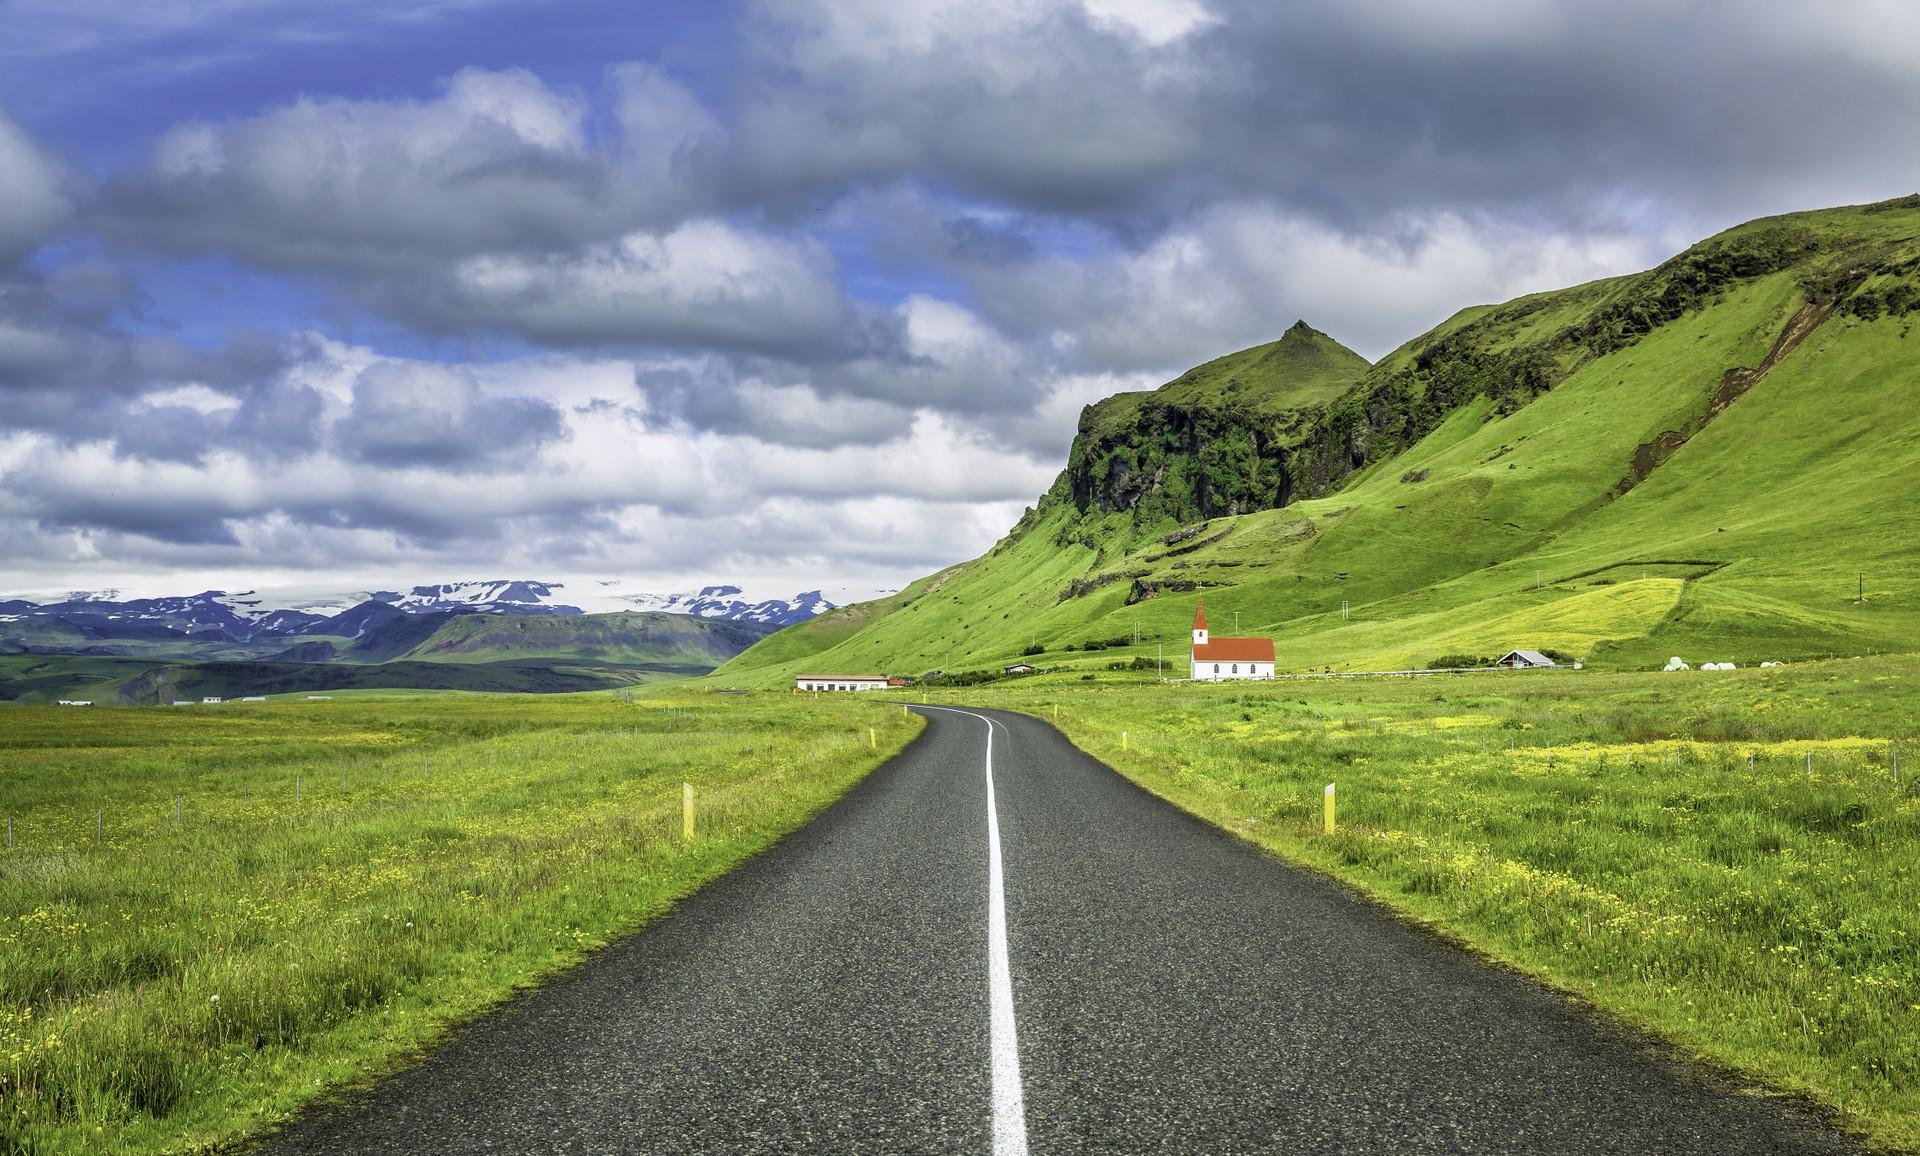 Road trip views in rural Iceland